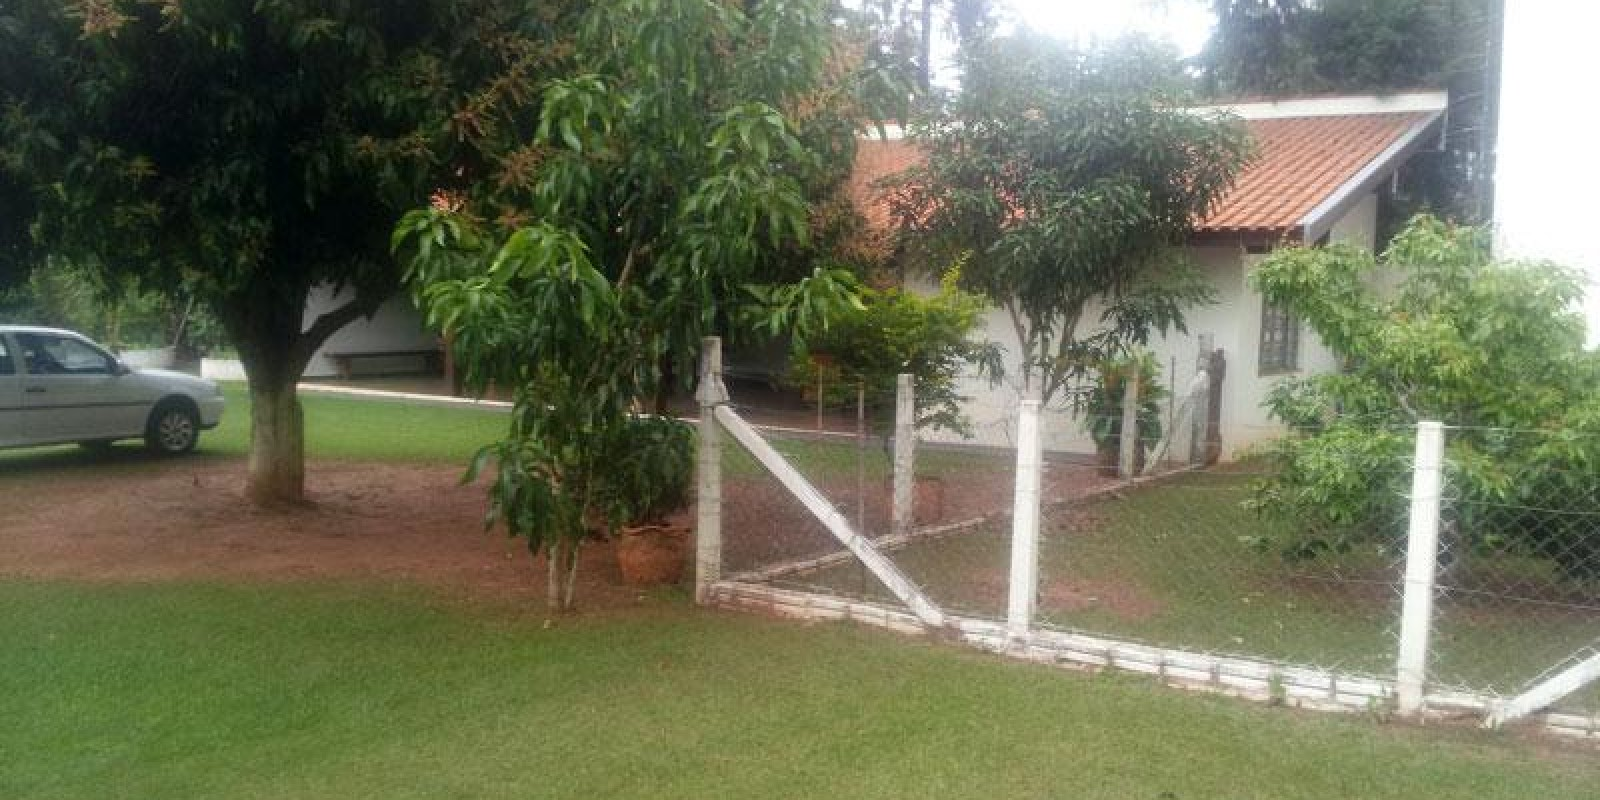 Casa na Represa Costa Azul em Avaré SP - Foto 4 de 20